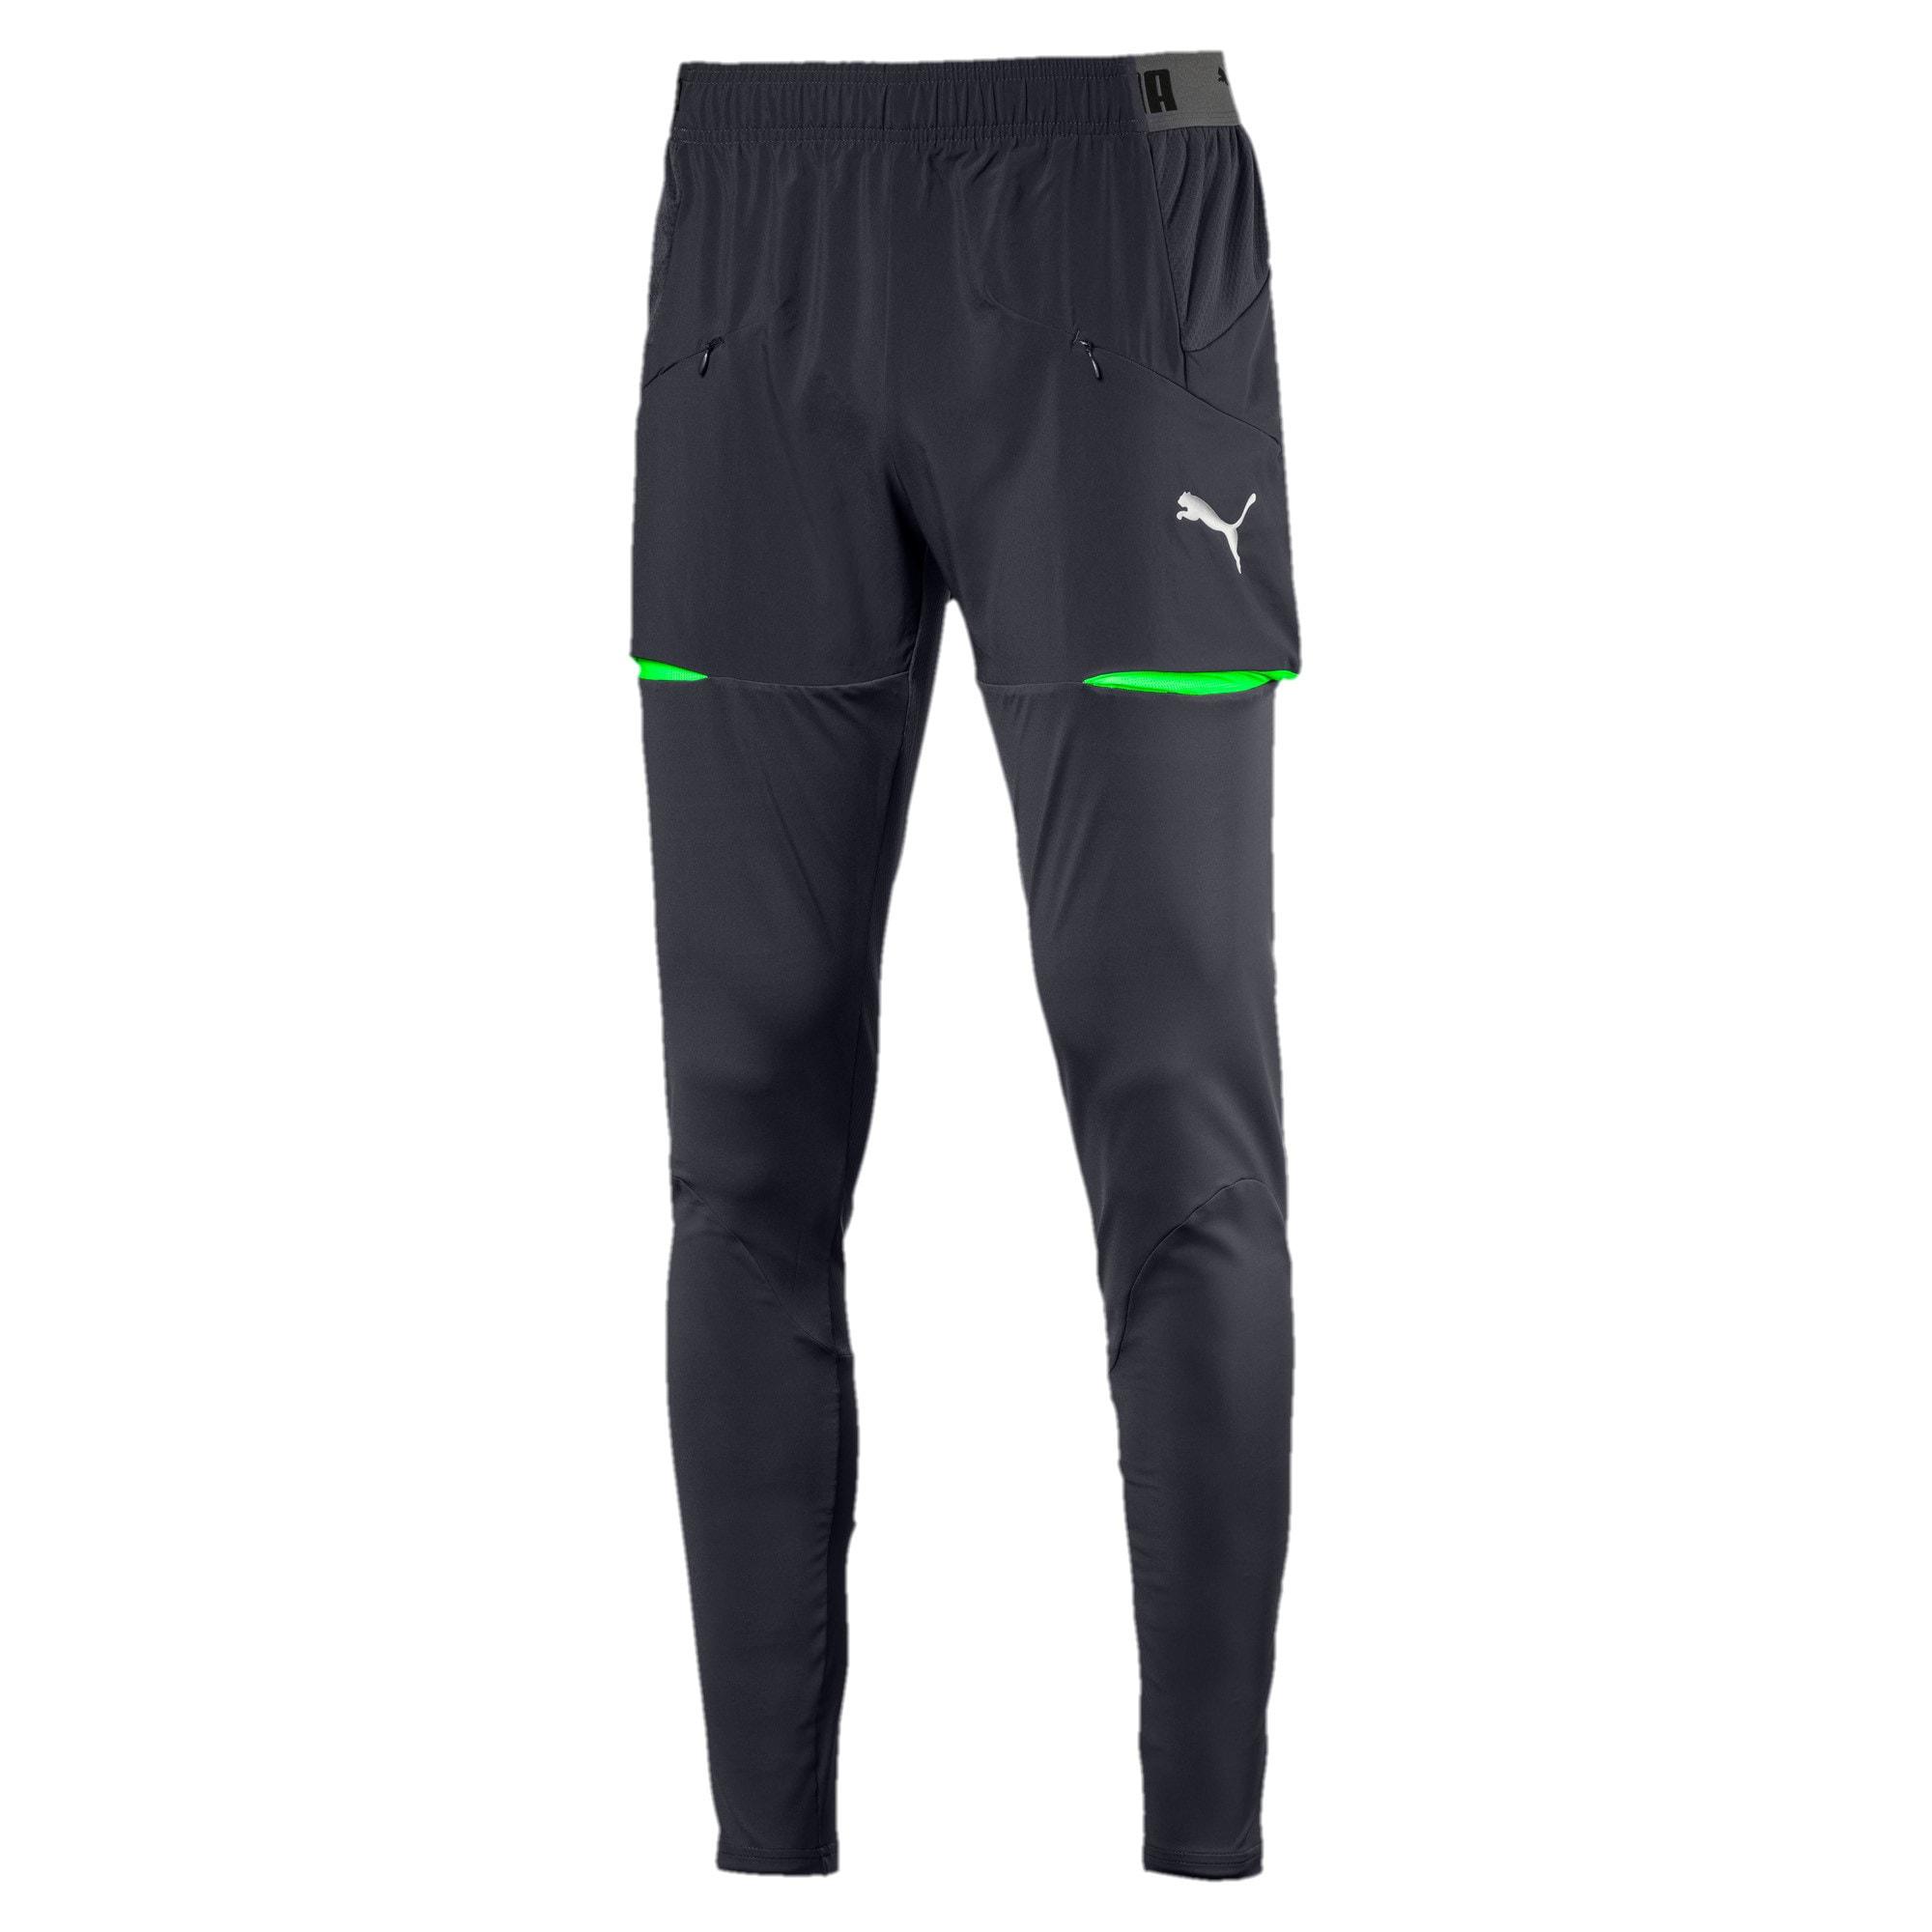 Thumbnail 1 of ftblNXT Men's Pro Training Pants, Ebony-Green Gecko, medium